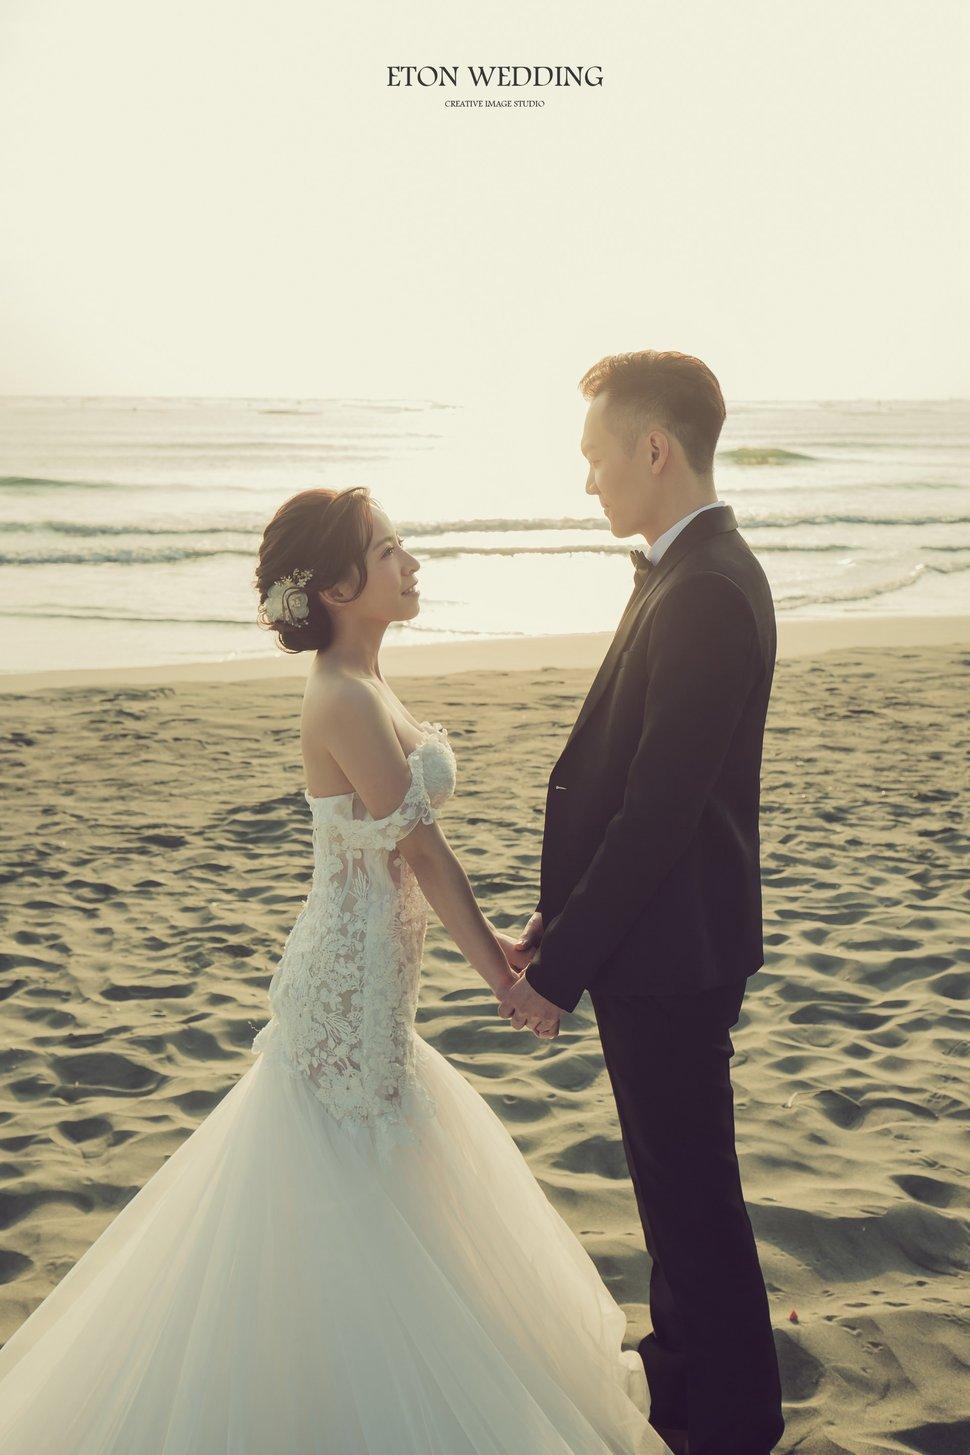 台南婚紗,伊頓自助婚紗 - 伊頓自助婚紗攝影工作室(台南旗艦店)《結婚吧》